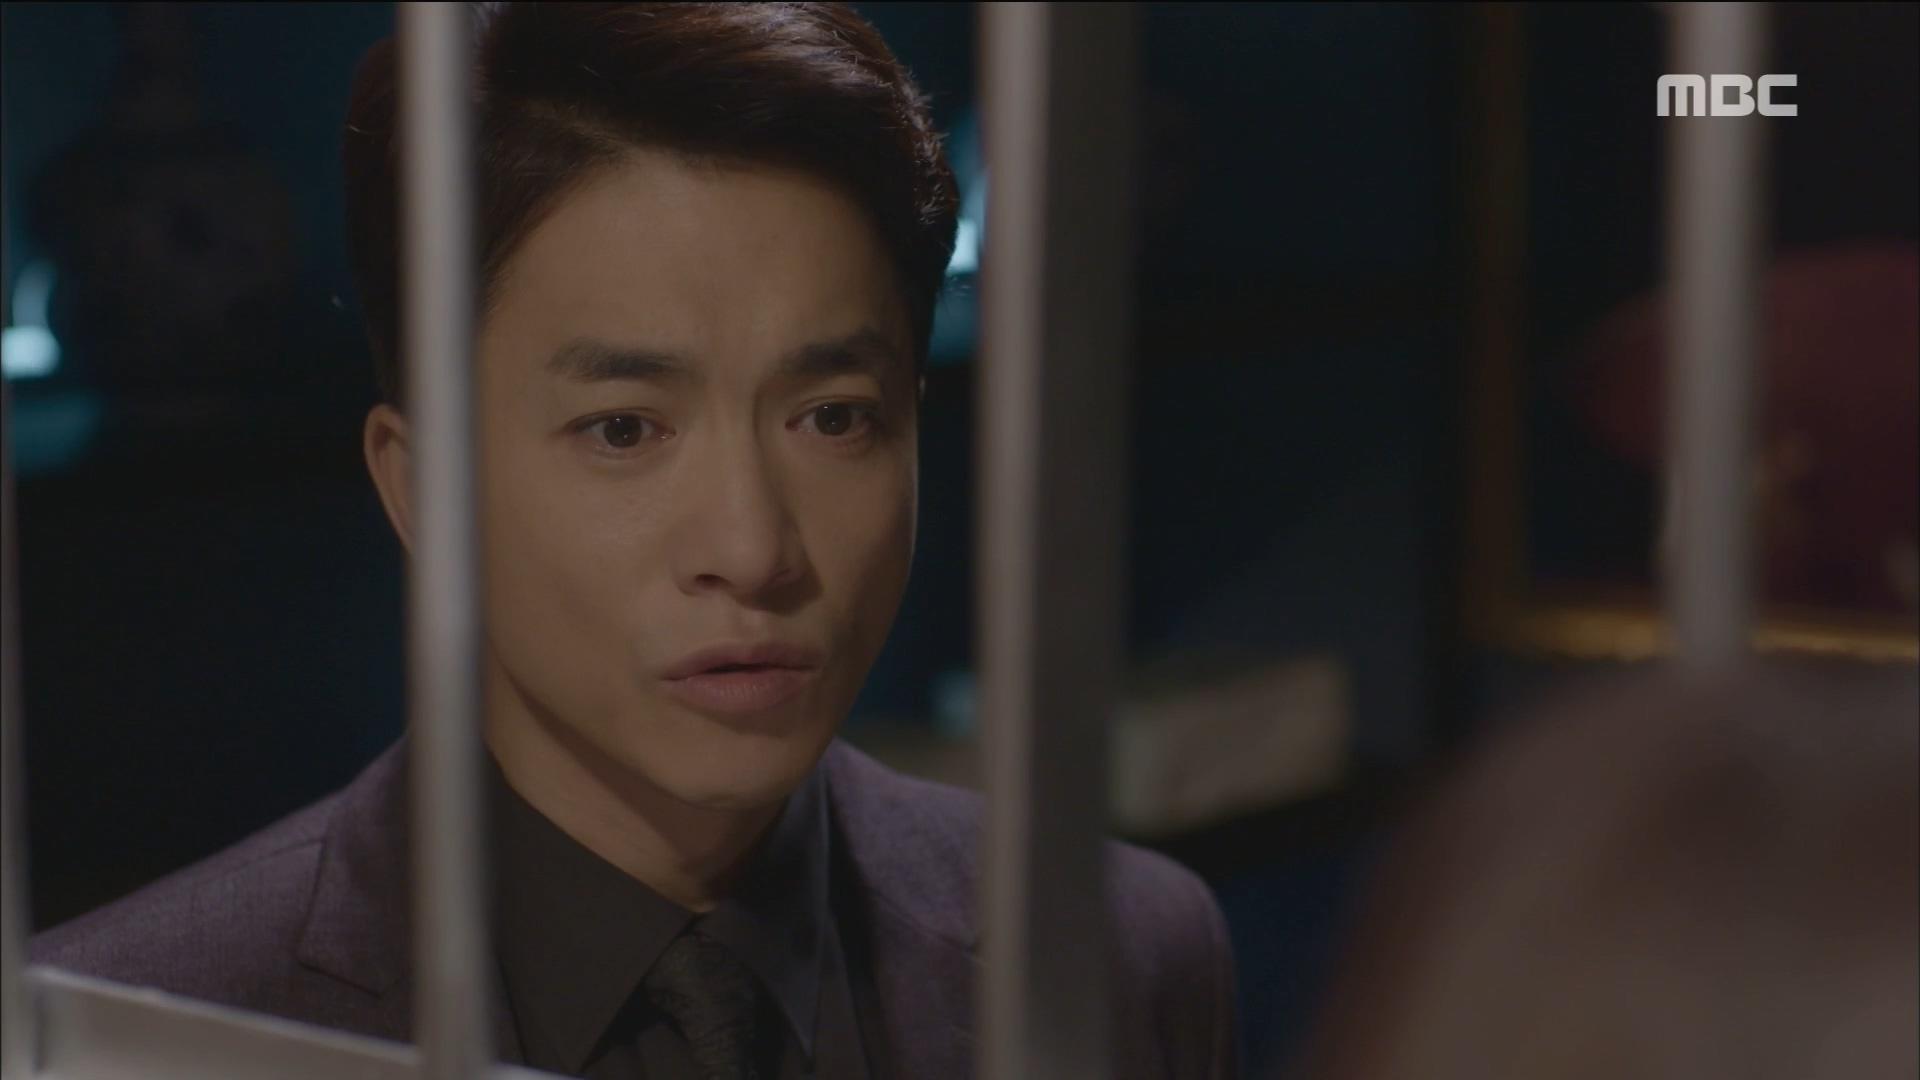 김영민, 이유리를 가두다! '날 한 번이라도 남자로 좋아했어?'